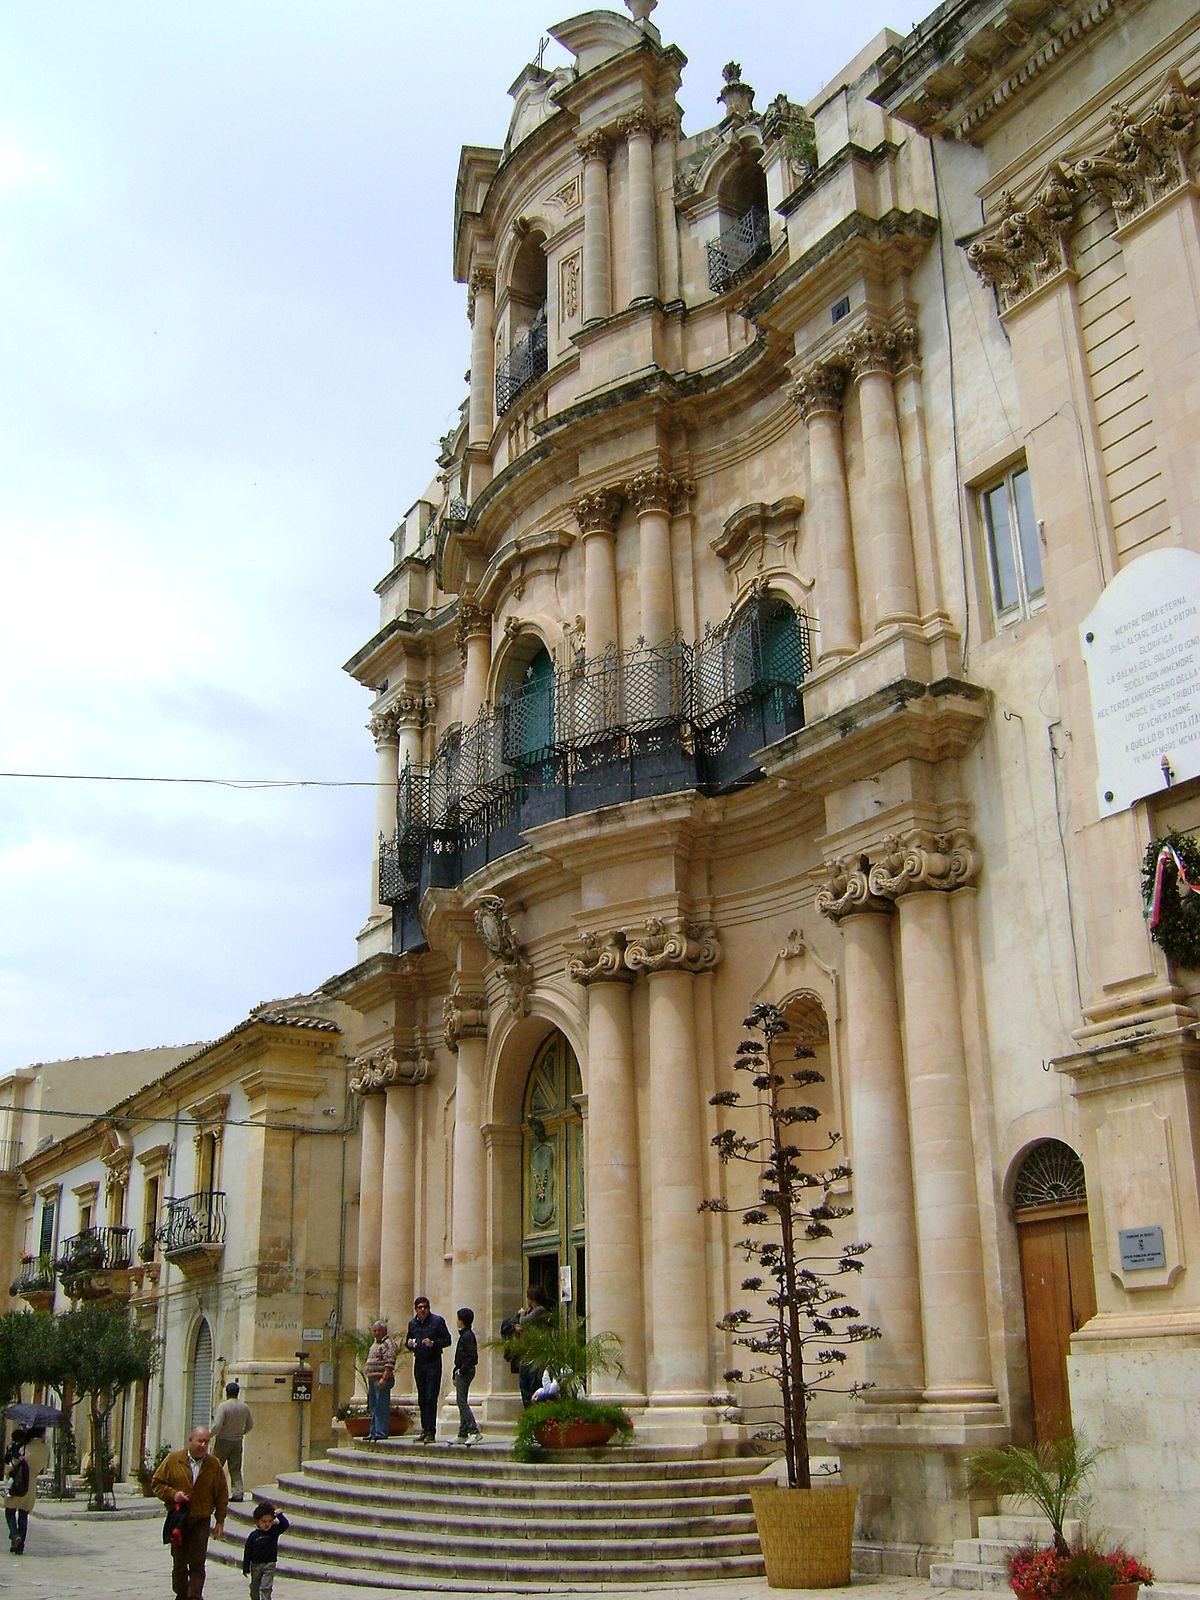 Chiesa di san giovanni evangelista scicli wikipedia for Noto architetto torinese